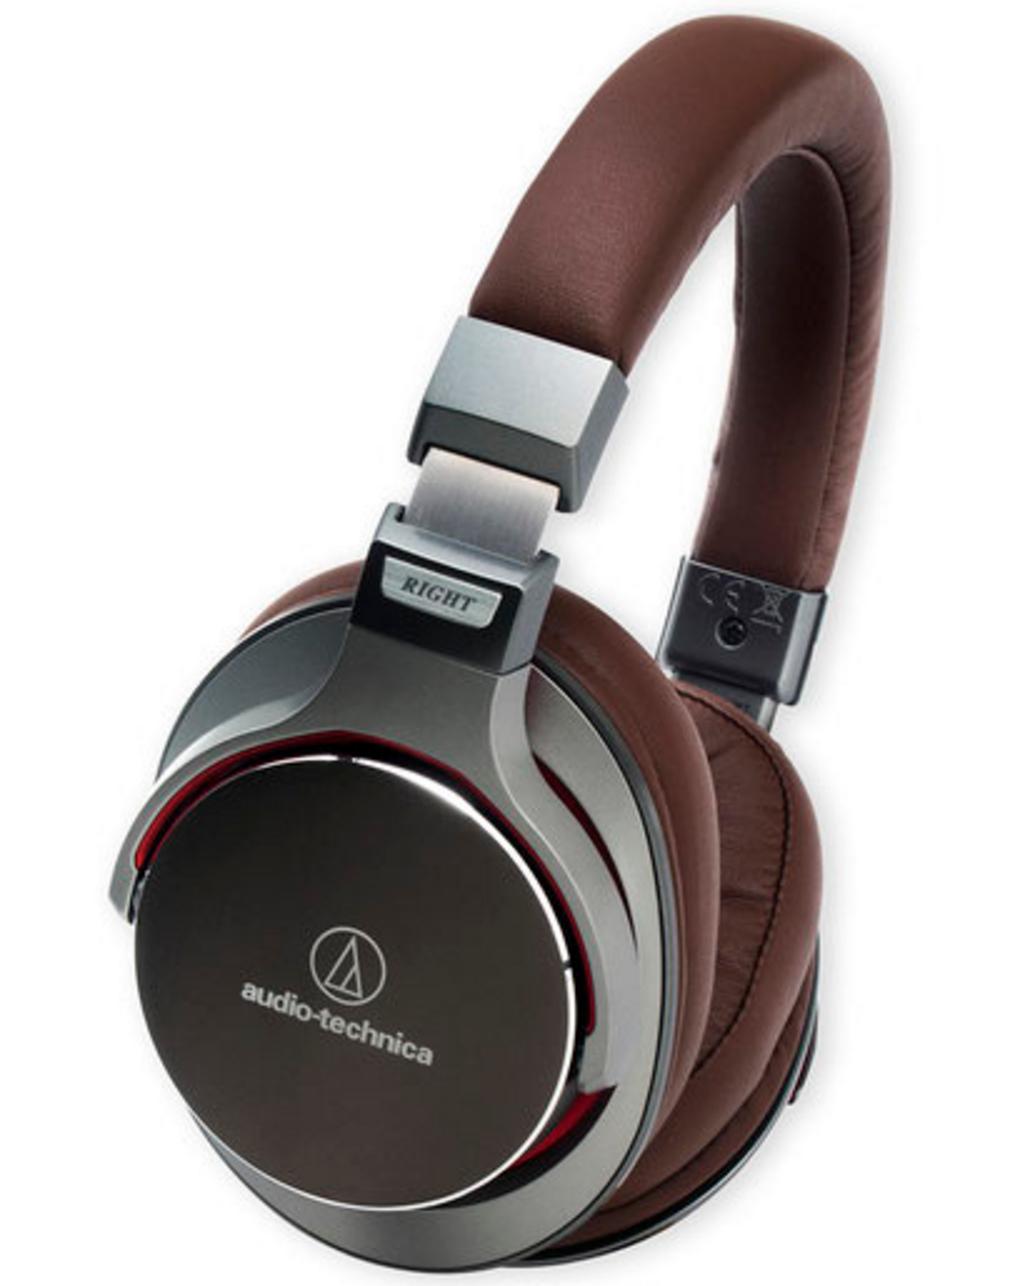 audio technica SonicPro headphone c21 stores